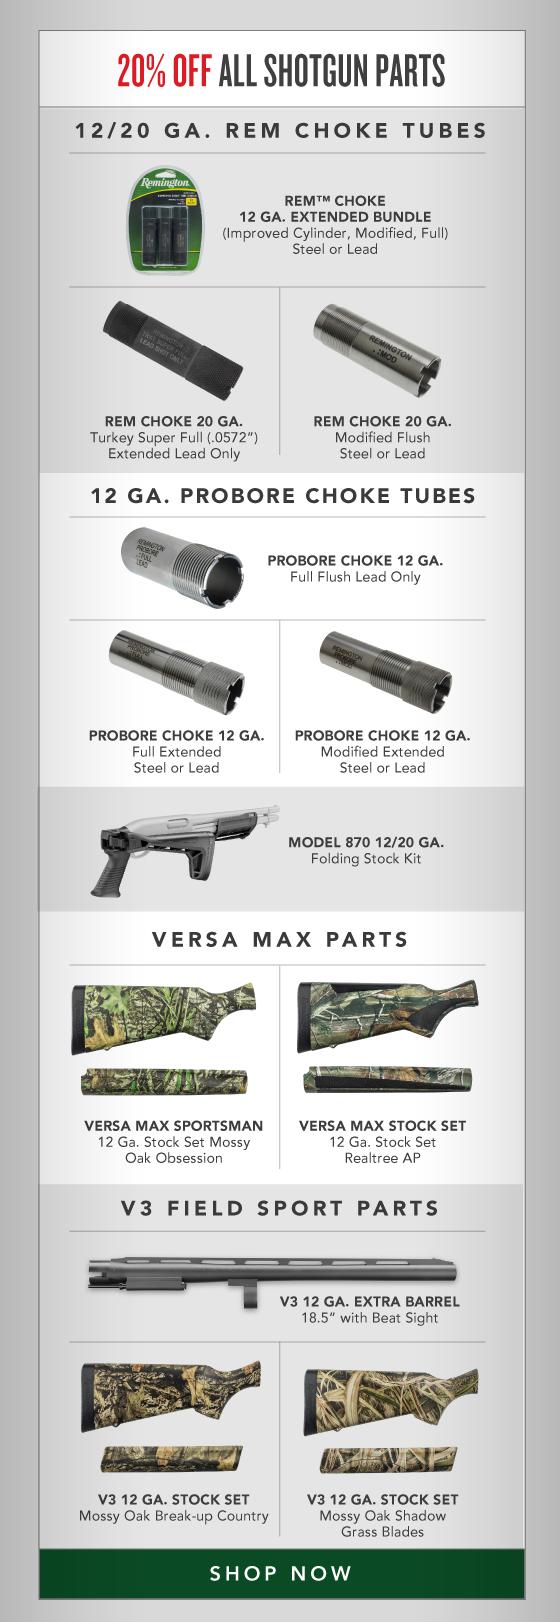 20% OFF All Shotgun Parts